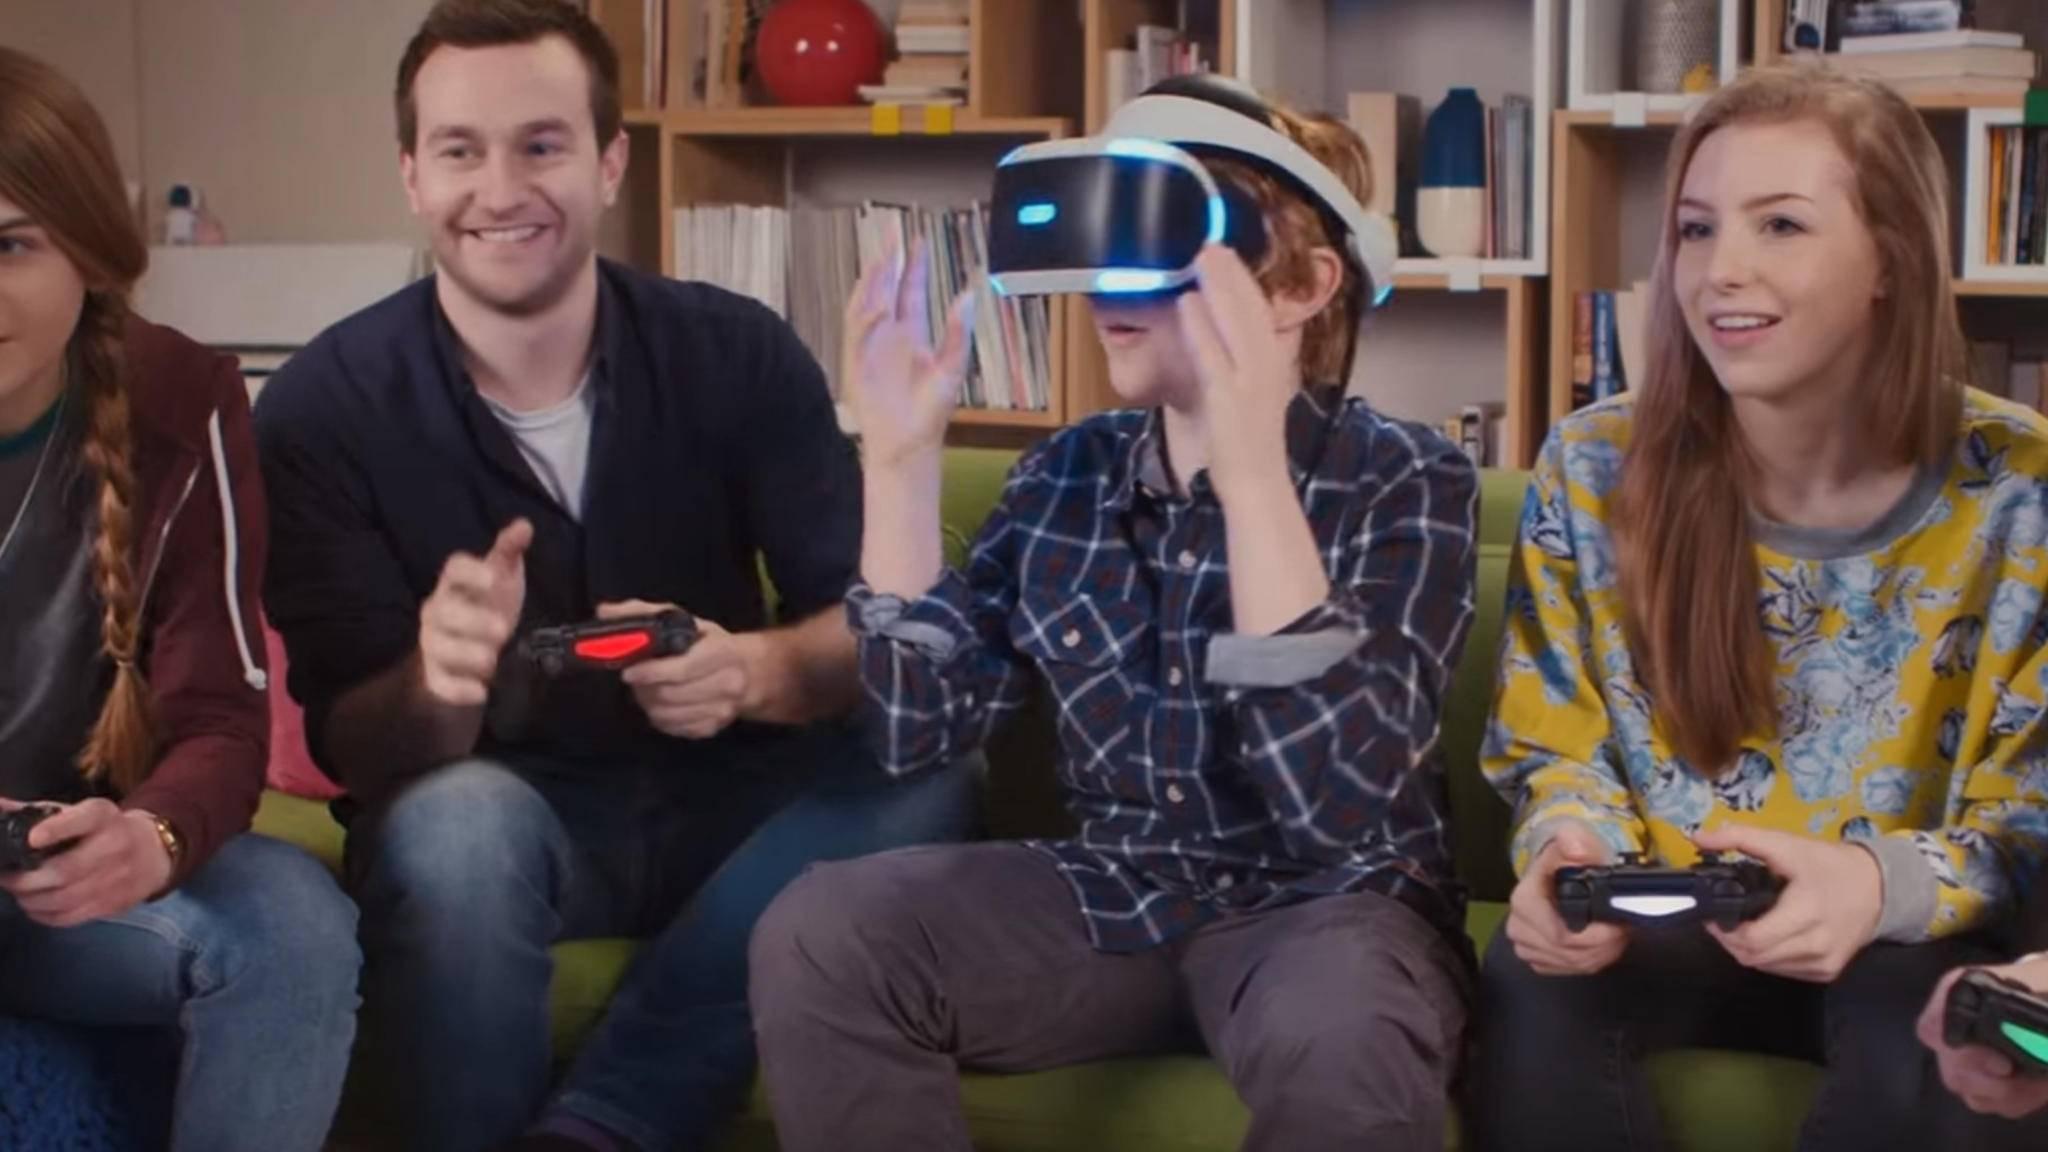 Offenbar wegen zu schwacher Verkäufe wird der Preis für PlayStation VR jetzt drastisch gesenkt.